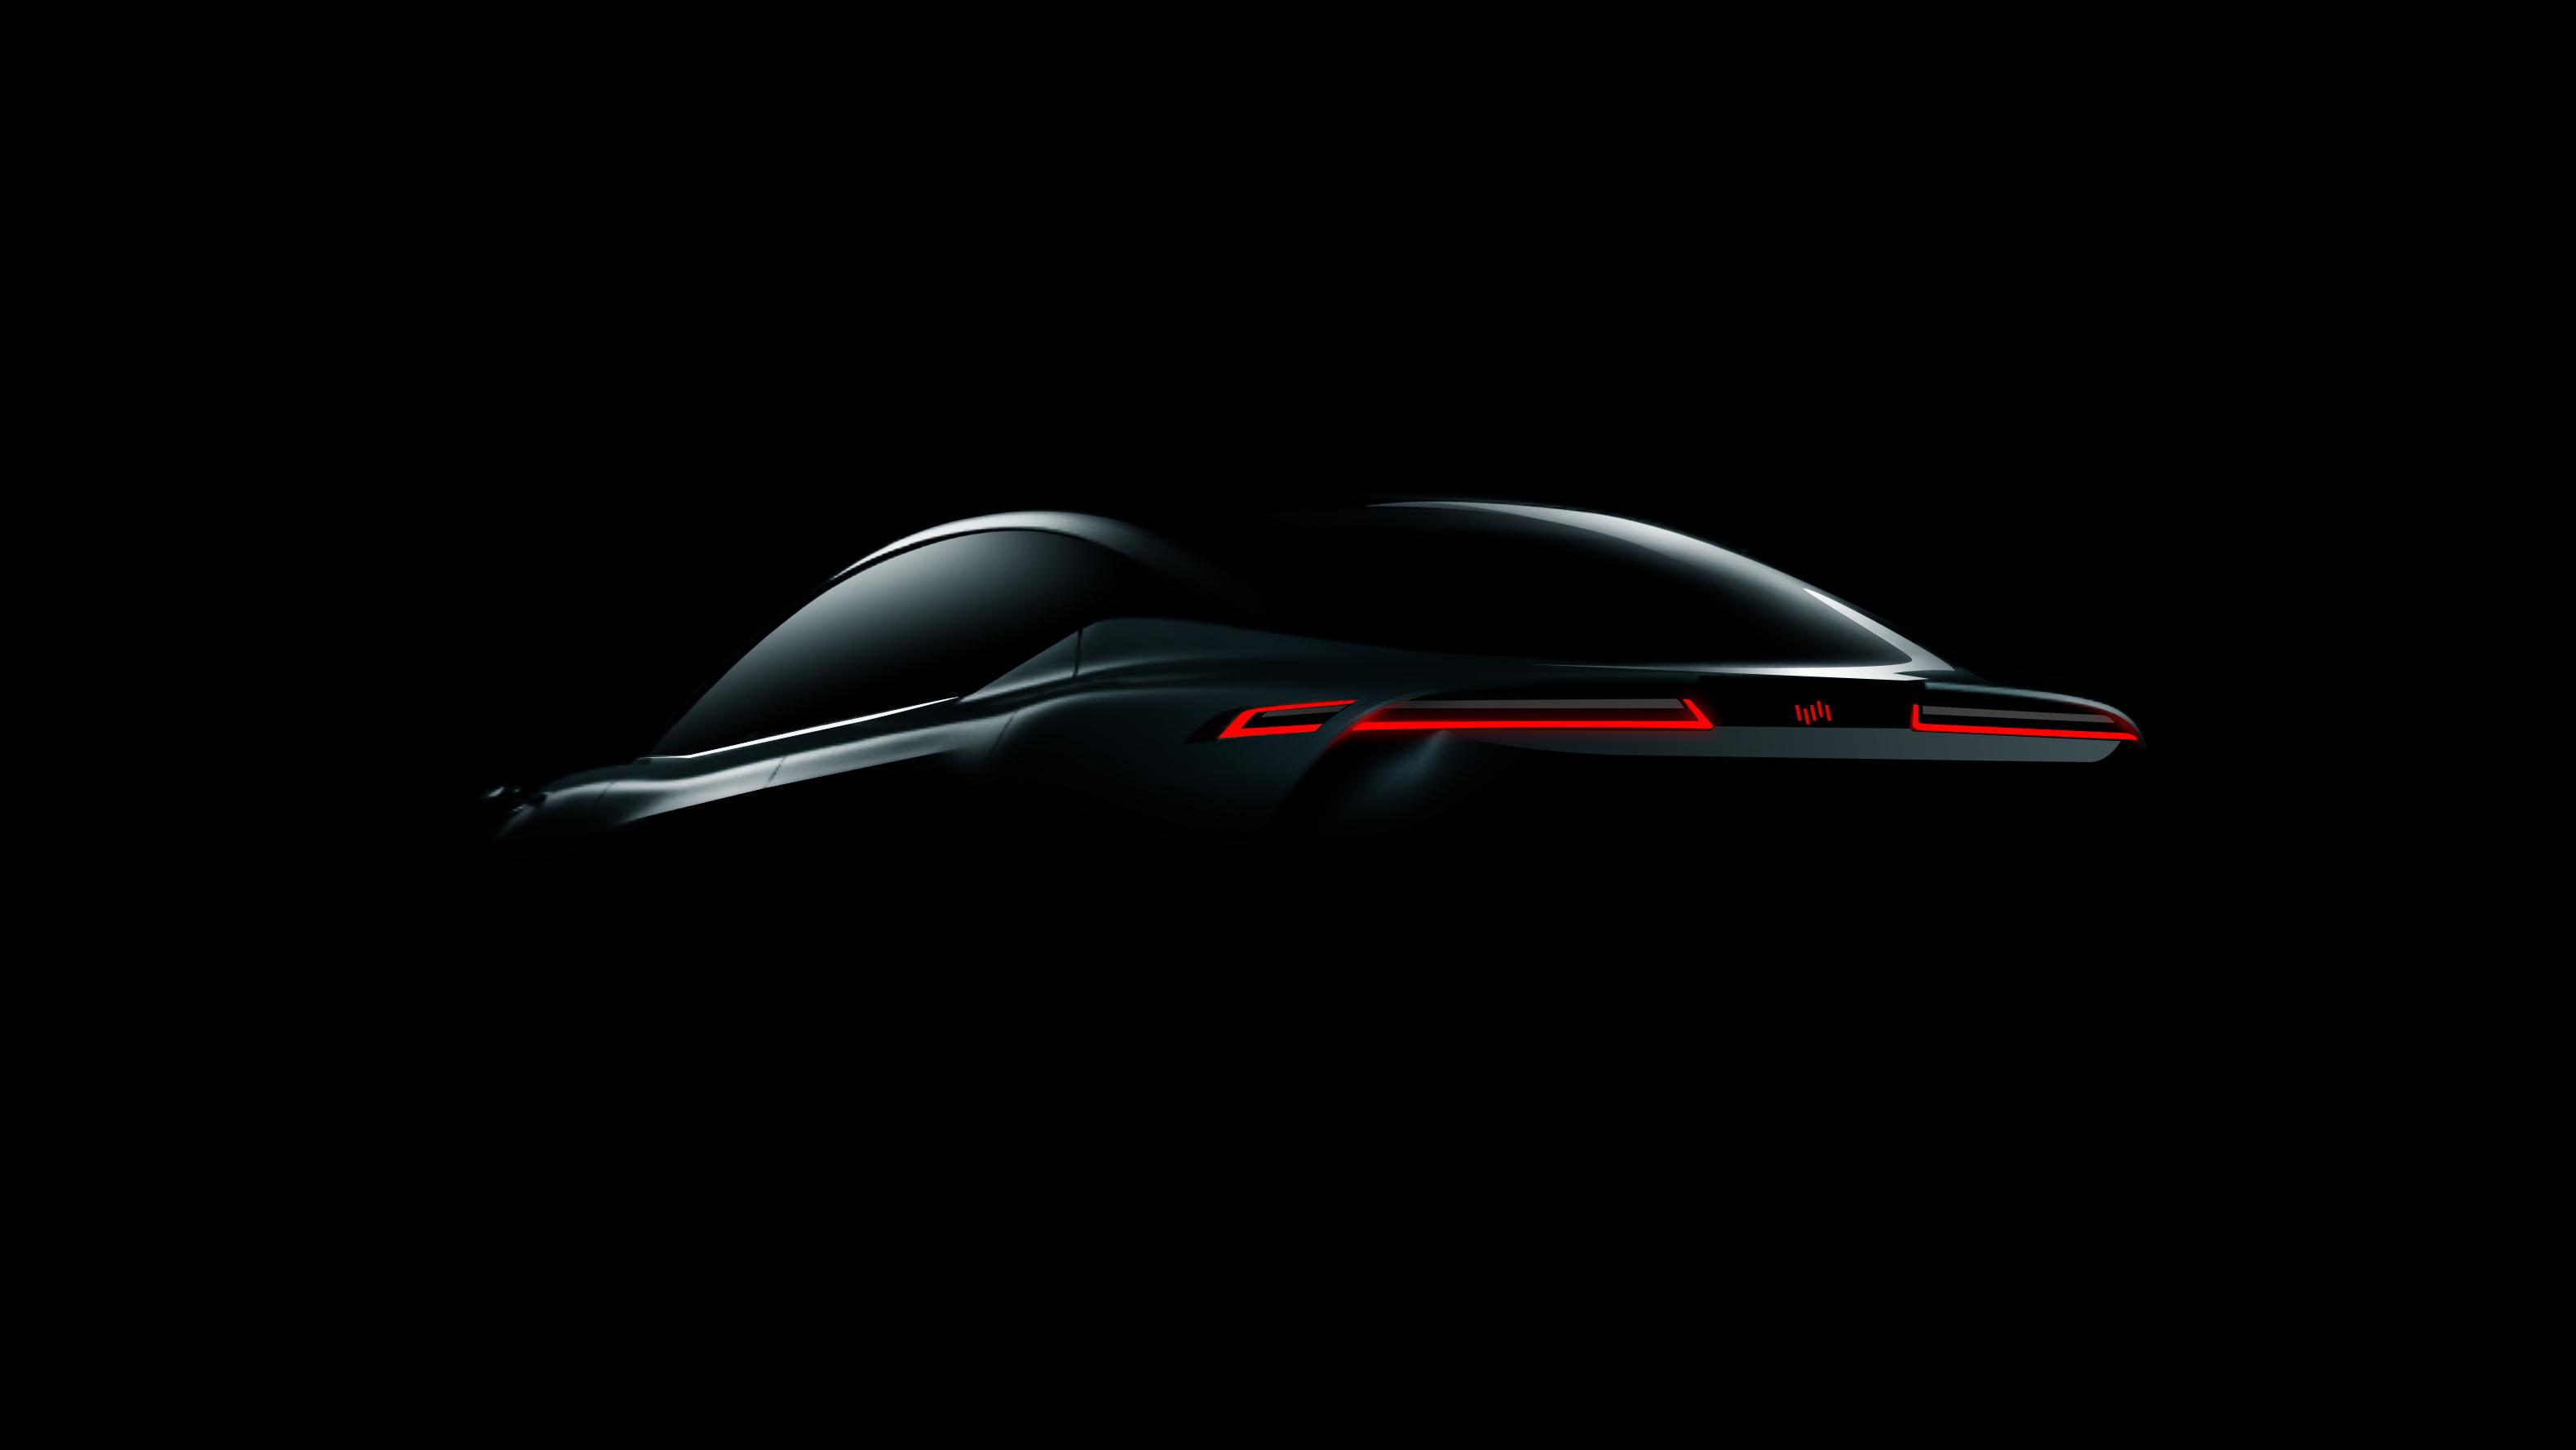 威马汽车将发布品牌焕新计划 EX5-Z/首款纯电轿车量产概念版亮相